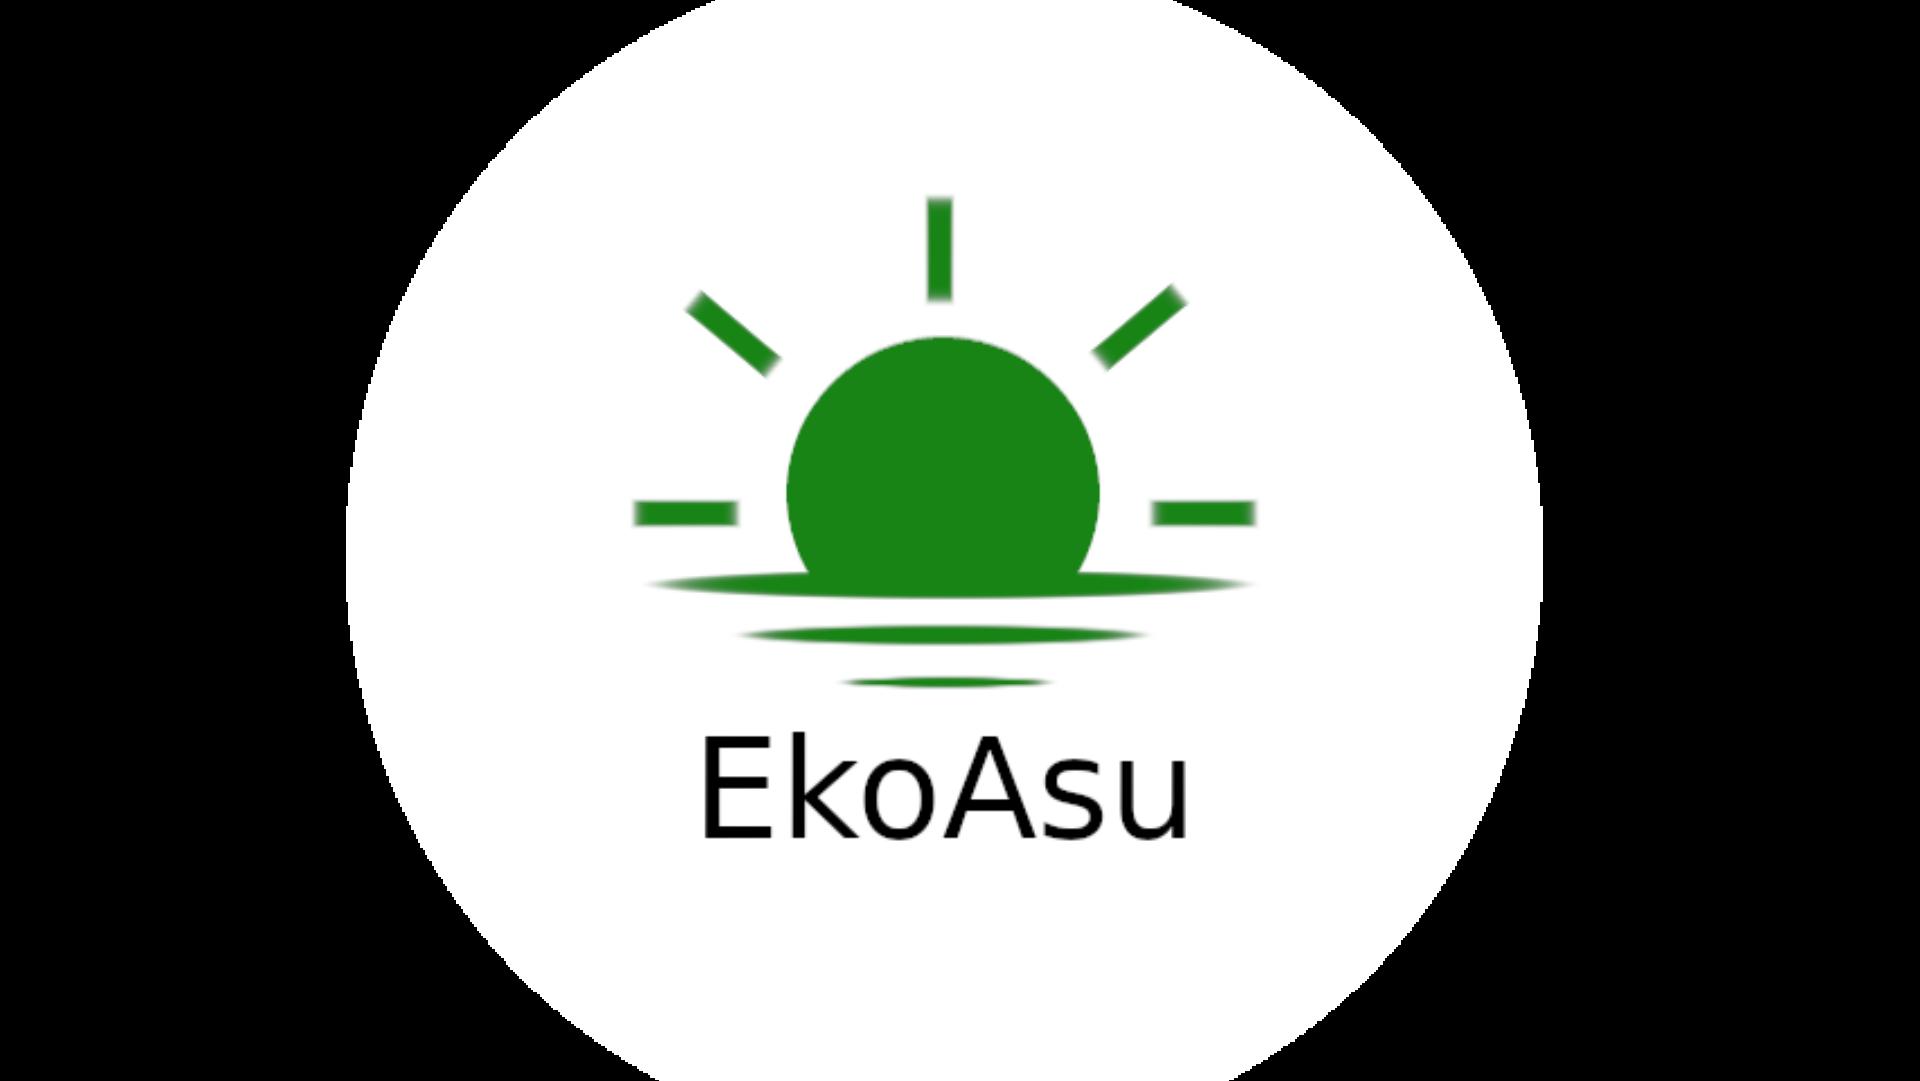 EkoAsu Opy